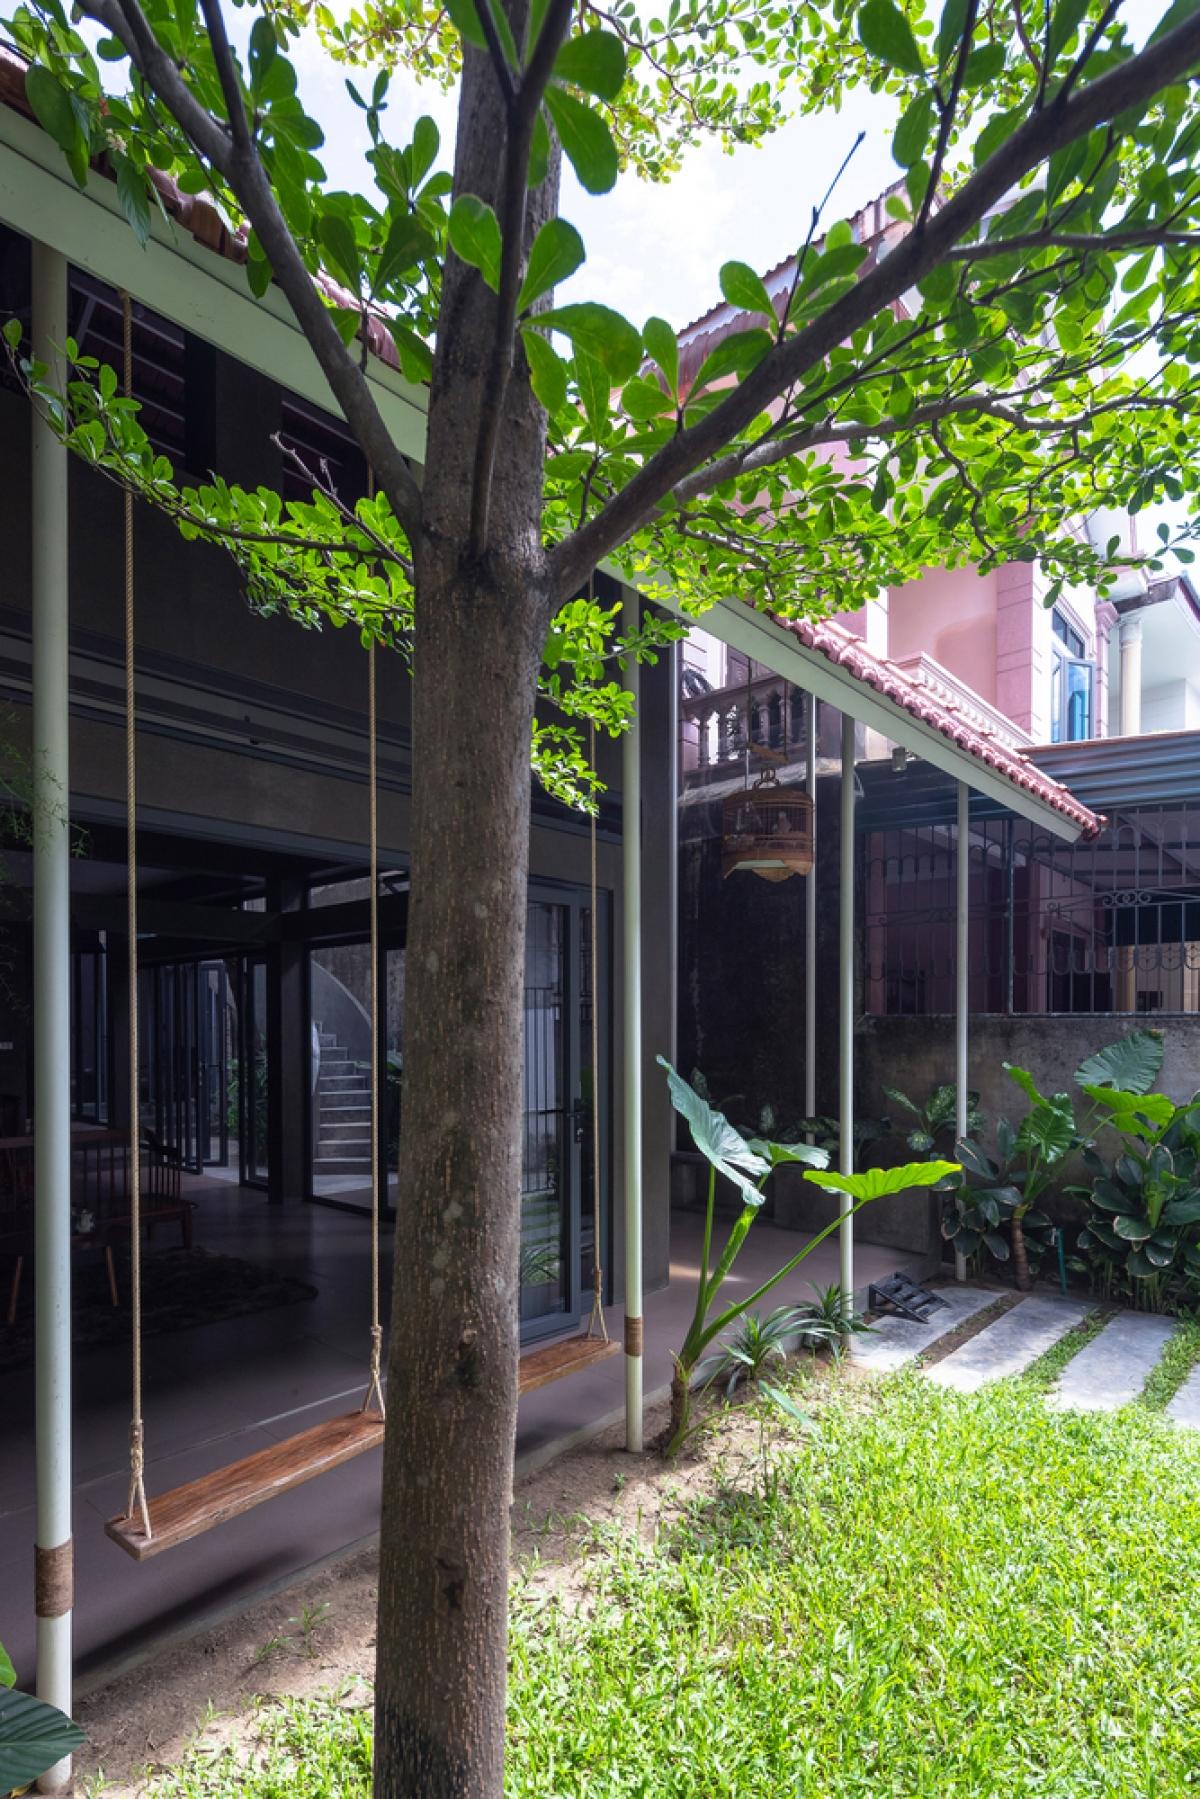 Không gian xanh được tạo nên bởi vườn cây ở khoảng sân trước. Khoảng vườn tuy không lớn nhưng cũng đủ để các thành viên có nơi hít thở bầu không khí trong lành.